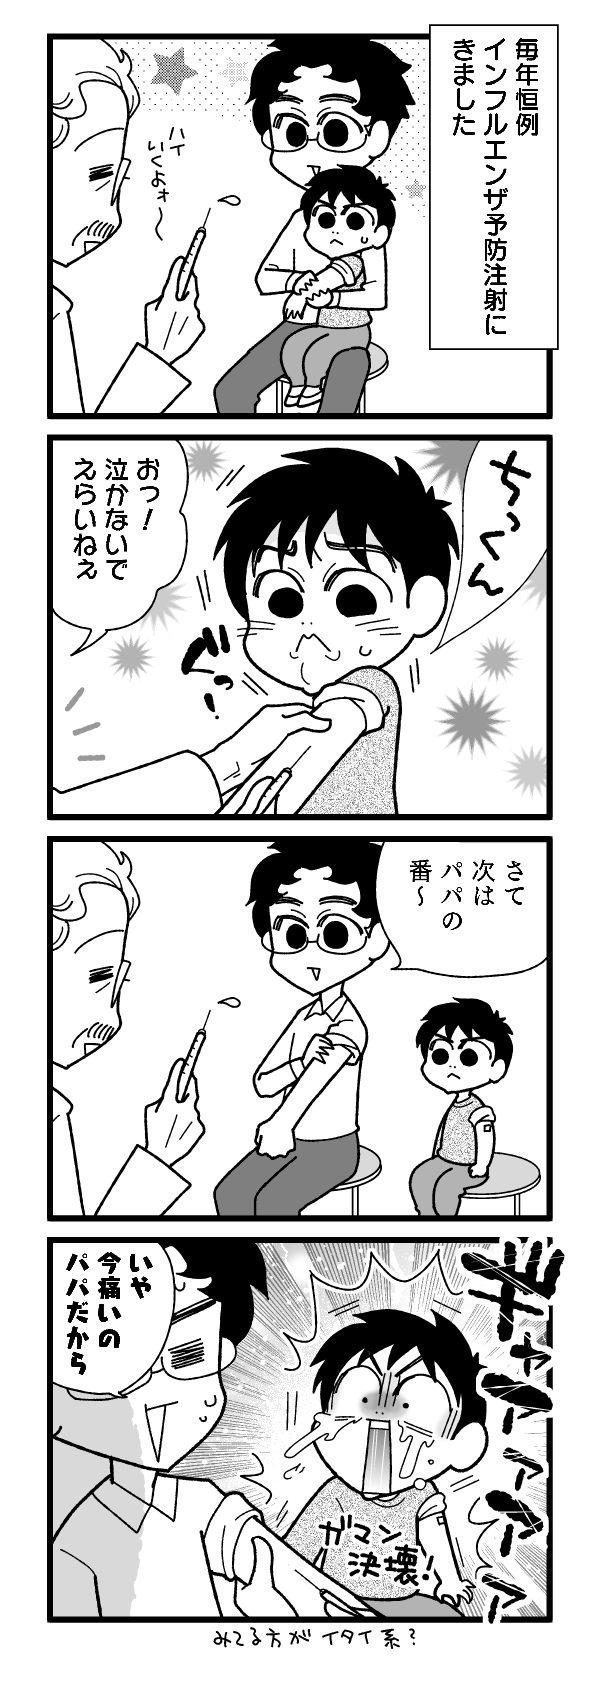 漫画『怒涛のにゅーじヨージ』Vol.181「お注射ちっくん」 1コマ目